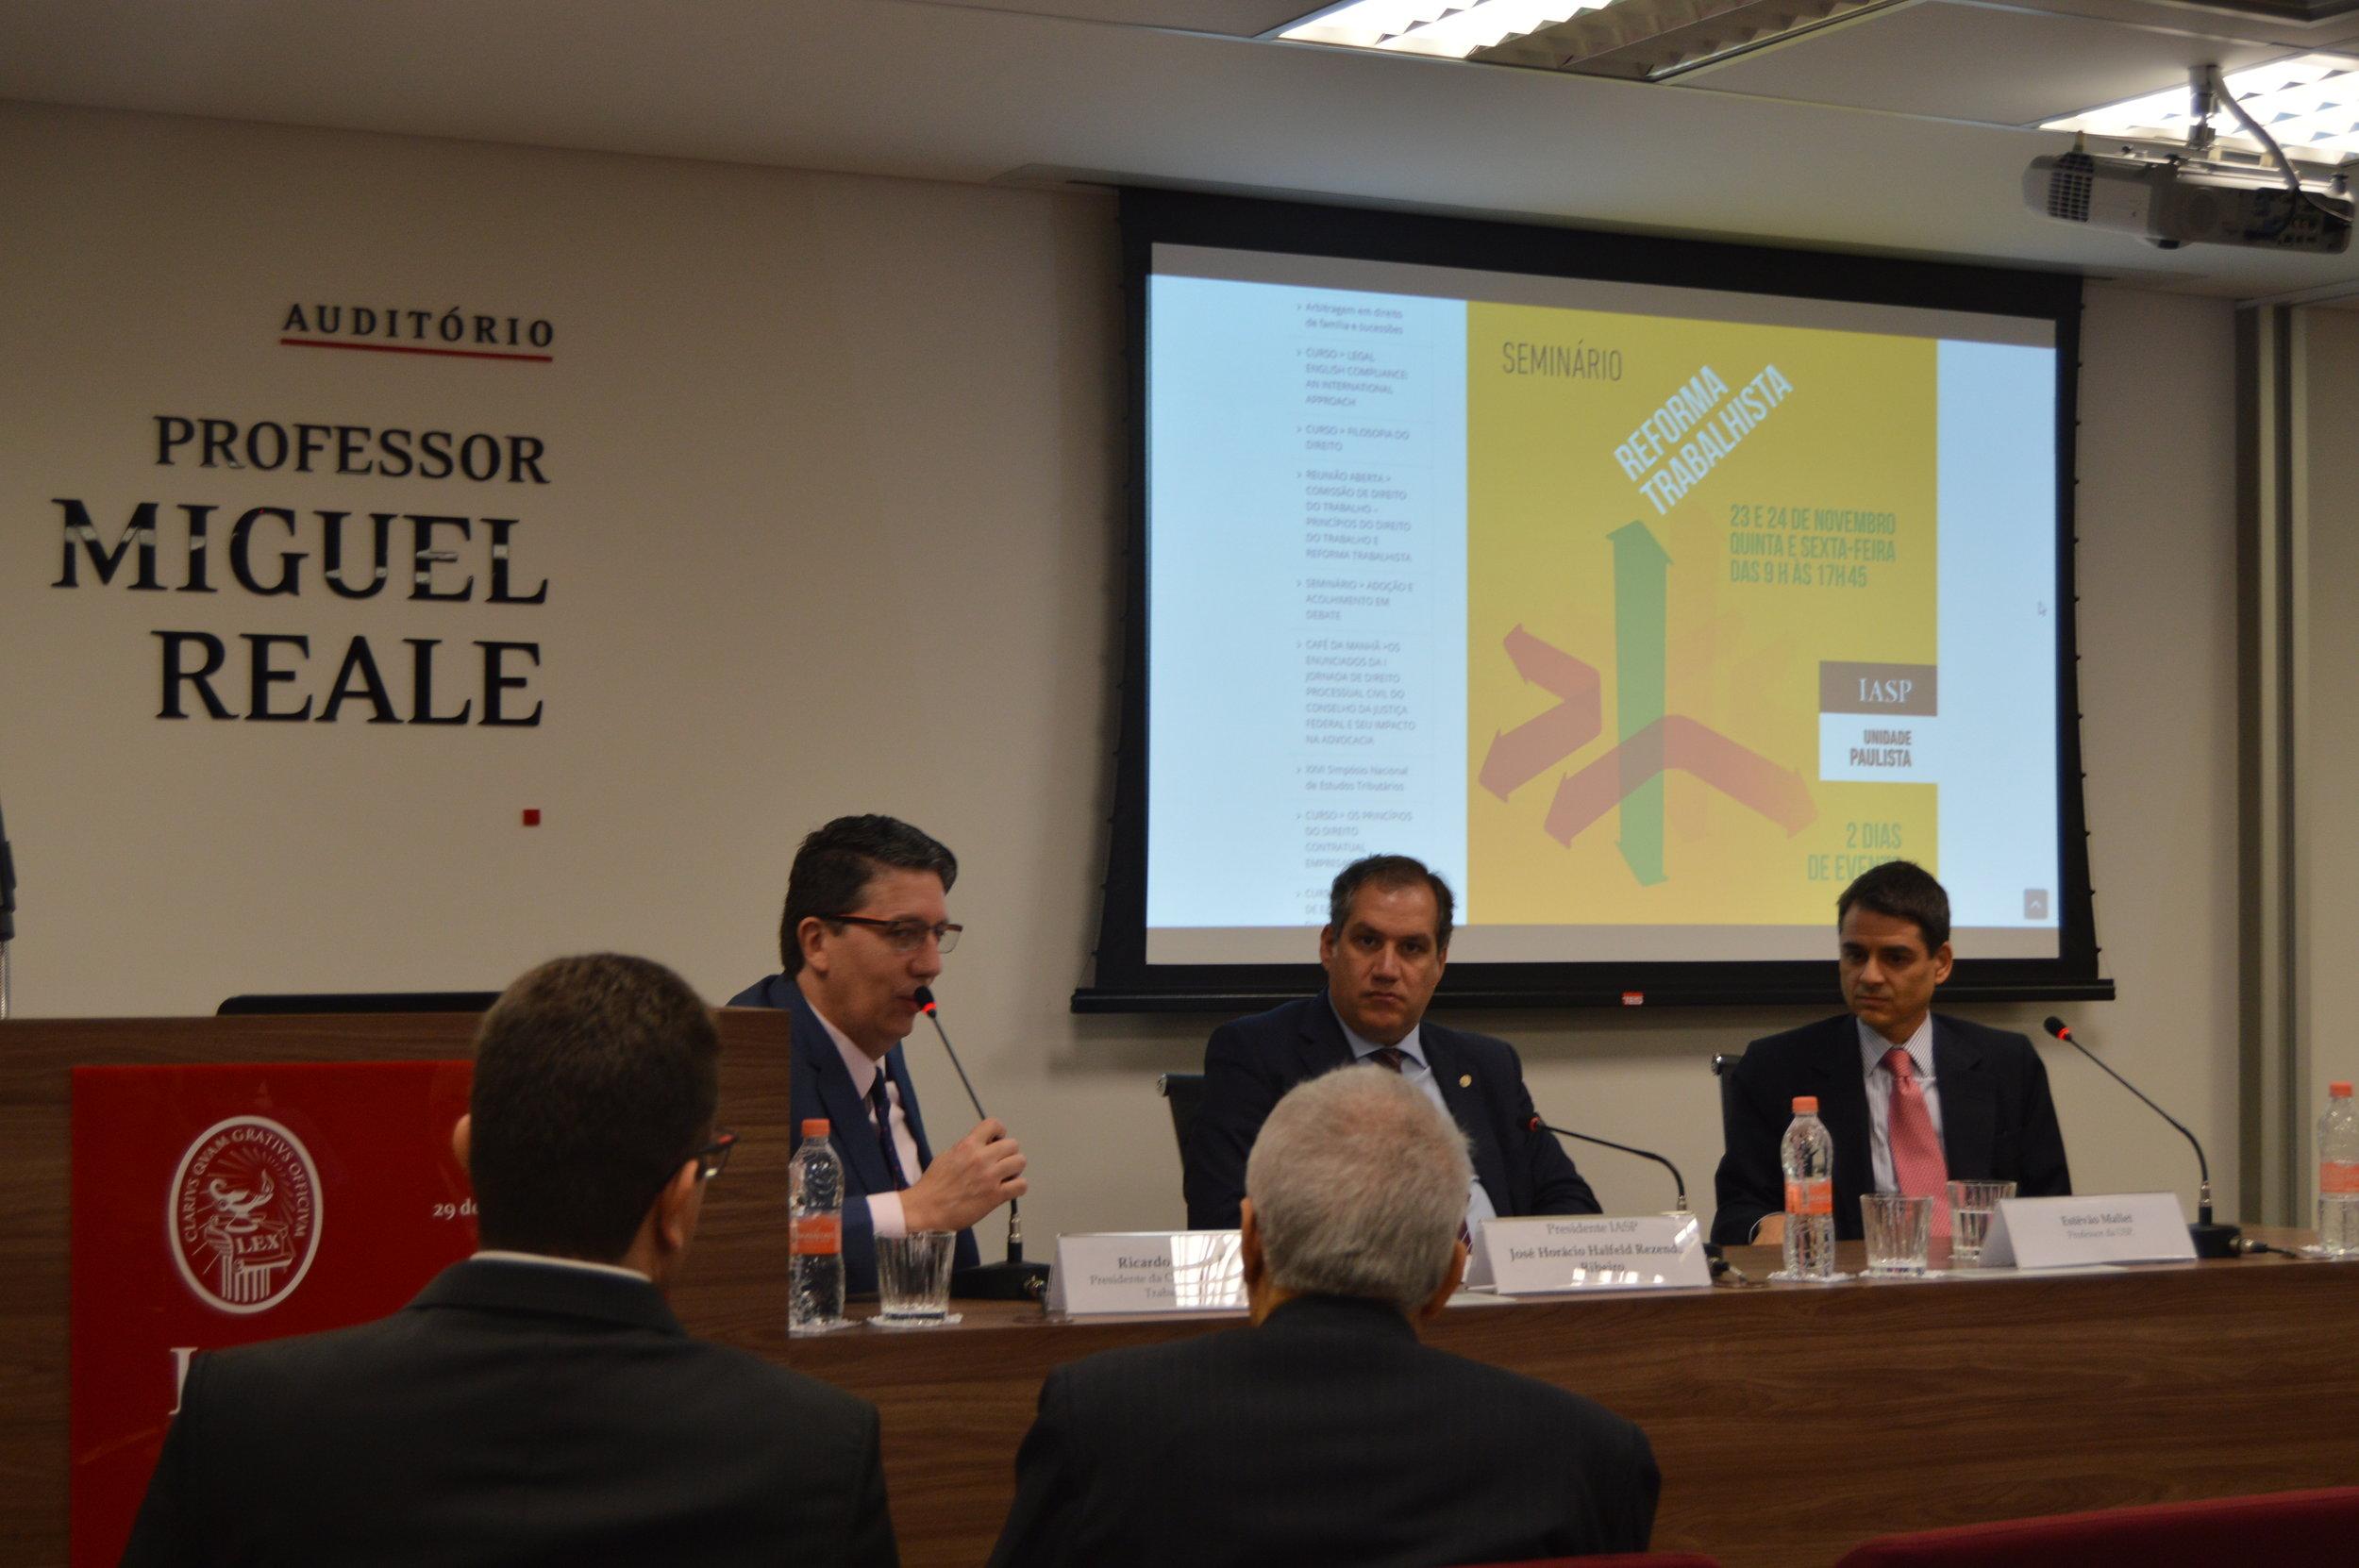 O presidente da Comissão de Estudos do Direito do Trabalho, Ricardo Peake Braga, abre o Seminário sobre Reforma Trabalhista, em novembro de 2017, na unidade Paulista do Iasp